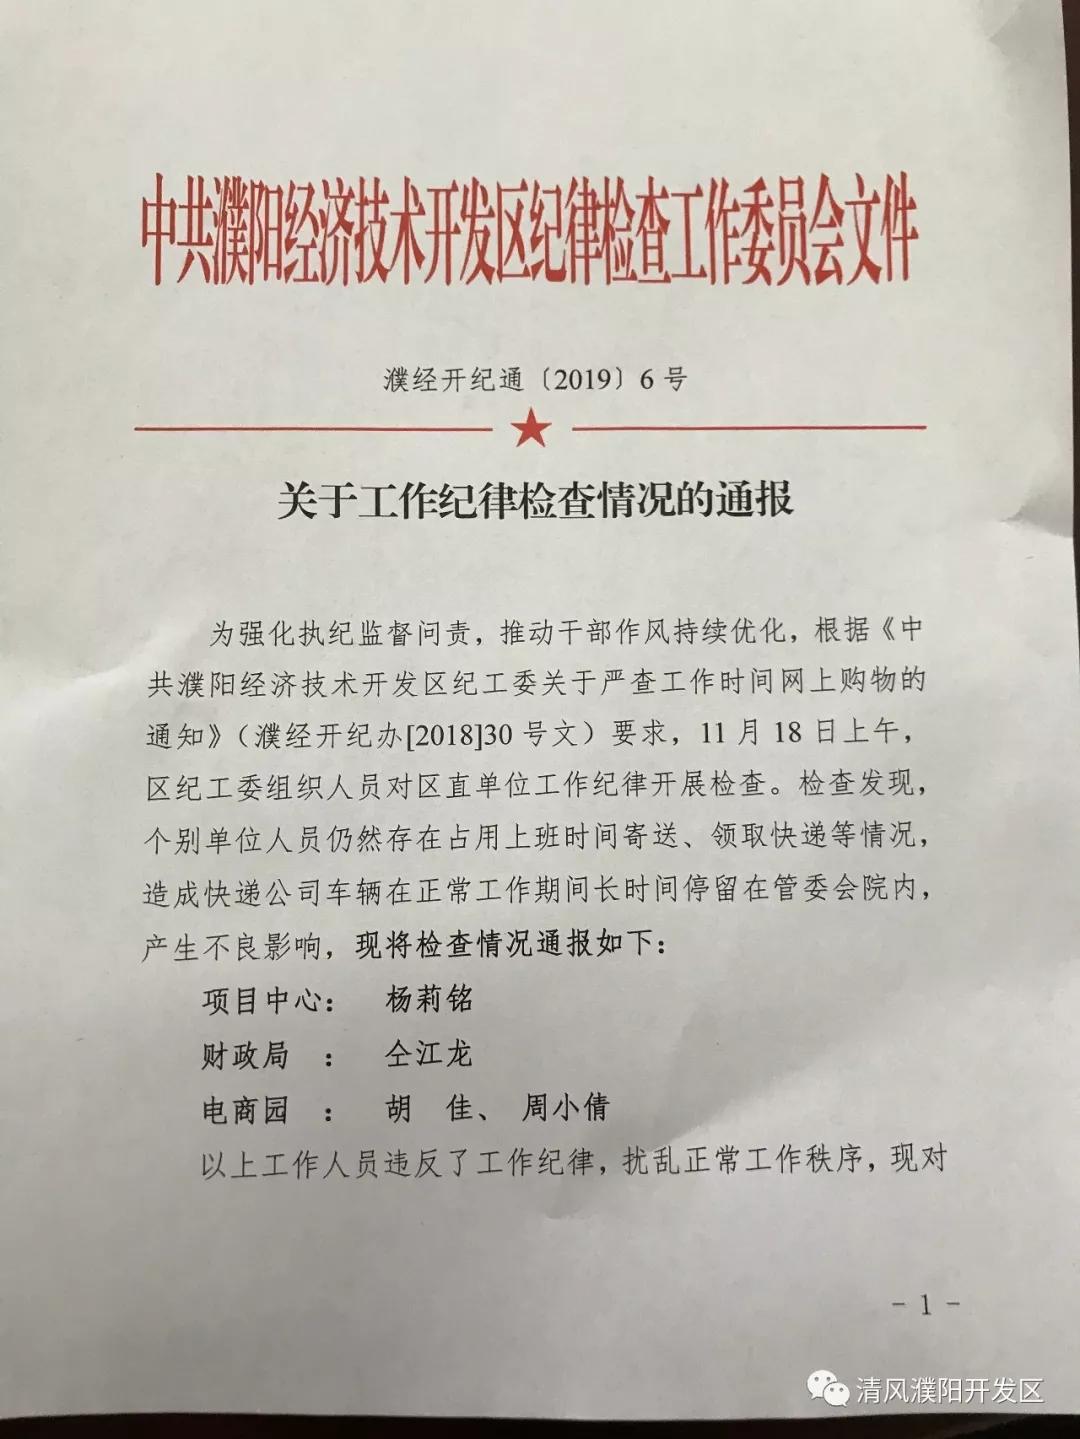 「真人赌钱棋牌游戏平台首页」外媒称中国阅兵仪式盛大恢弘:折射出中国发展成果